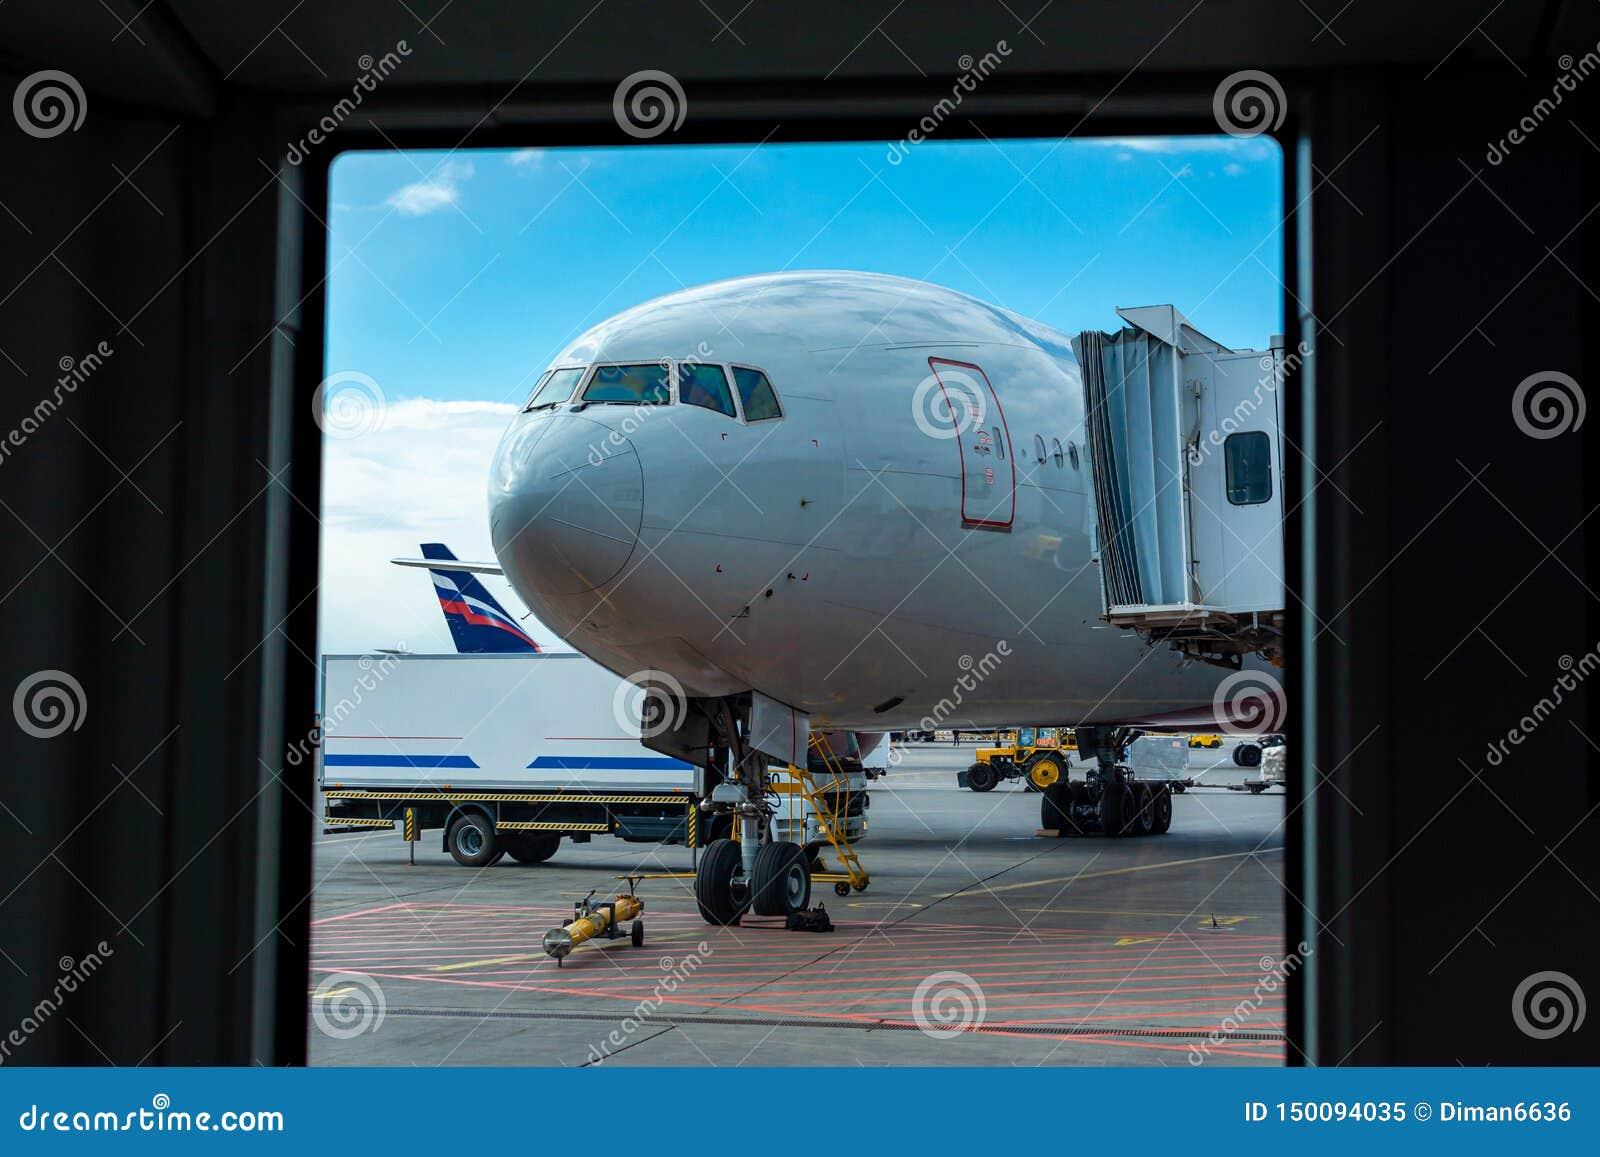 Een passagiersvliegtuig bevindt zich bij de luchthaven in een parkeerplaats die op vertrek, het proces wachten om voorbereidingen